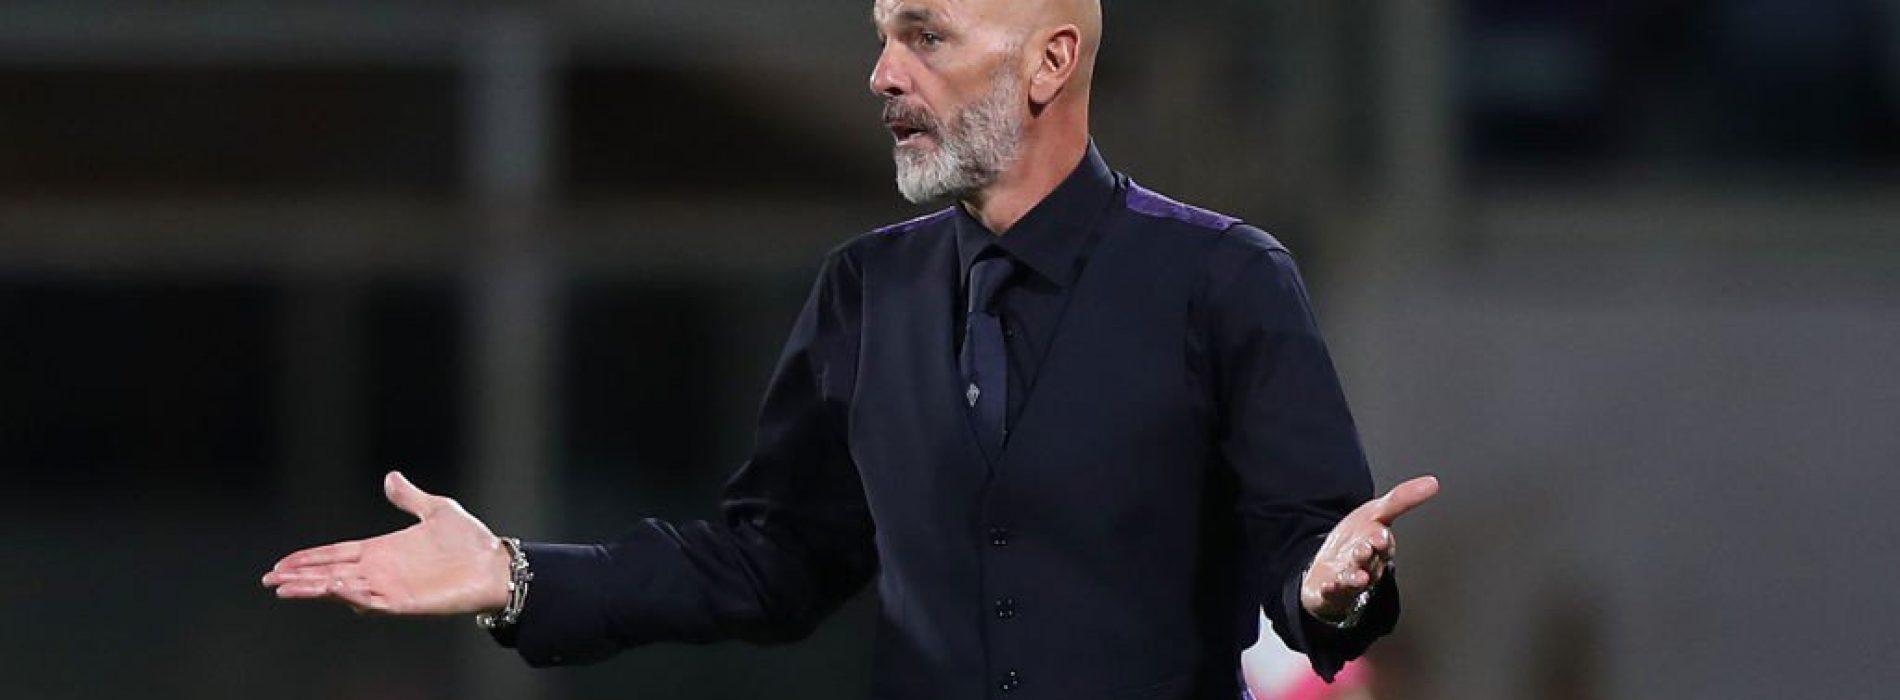 Pioli pronto a stravolgere il Milan: 3-4-2-1 e Paquetà escluso?